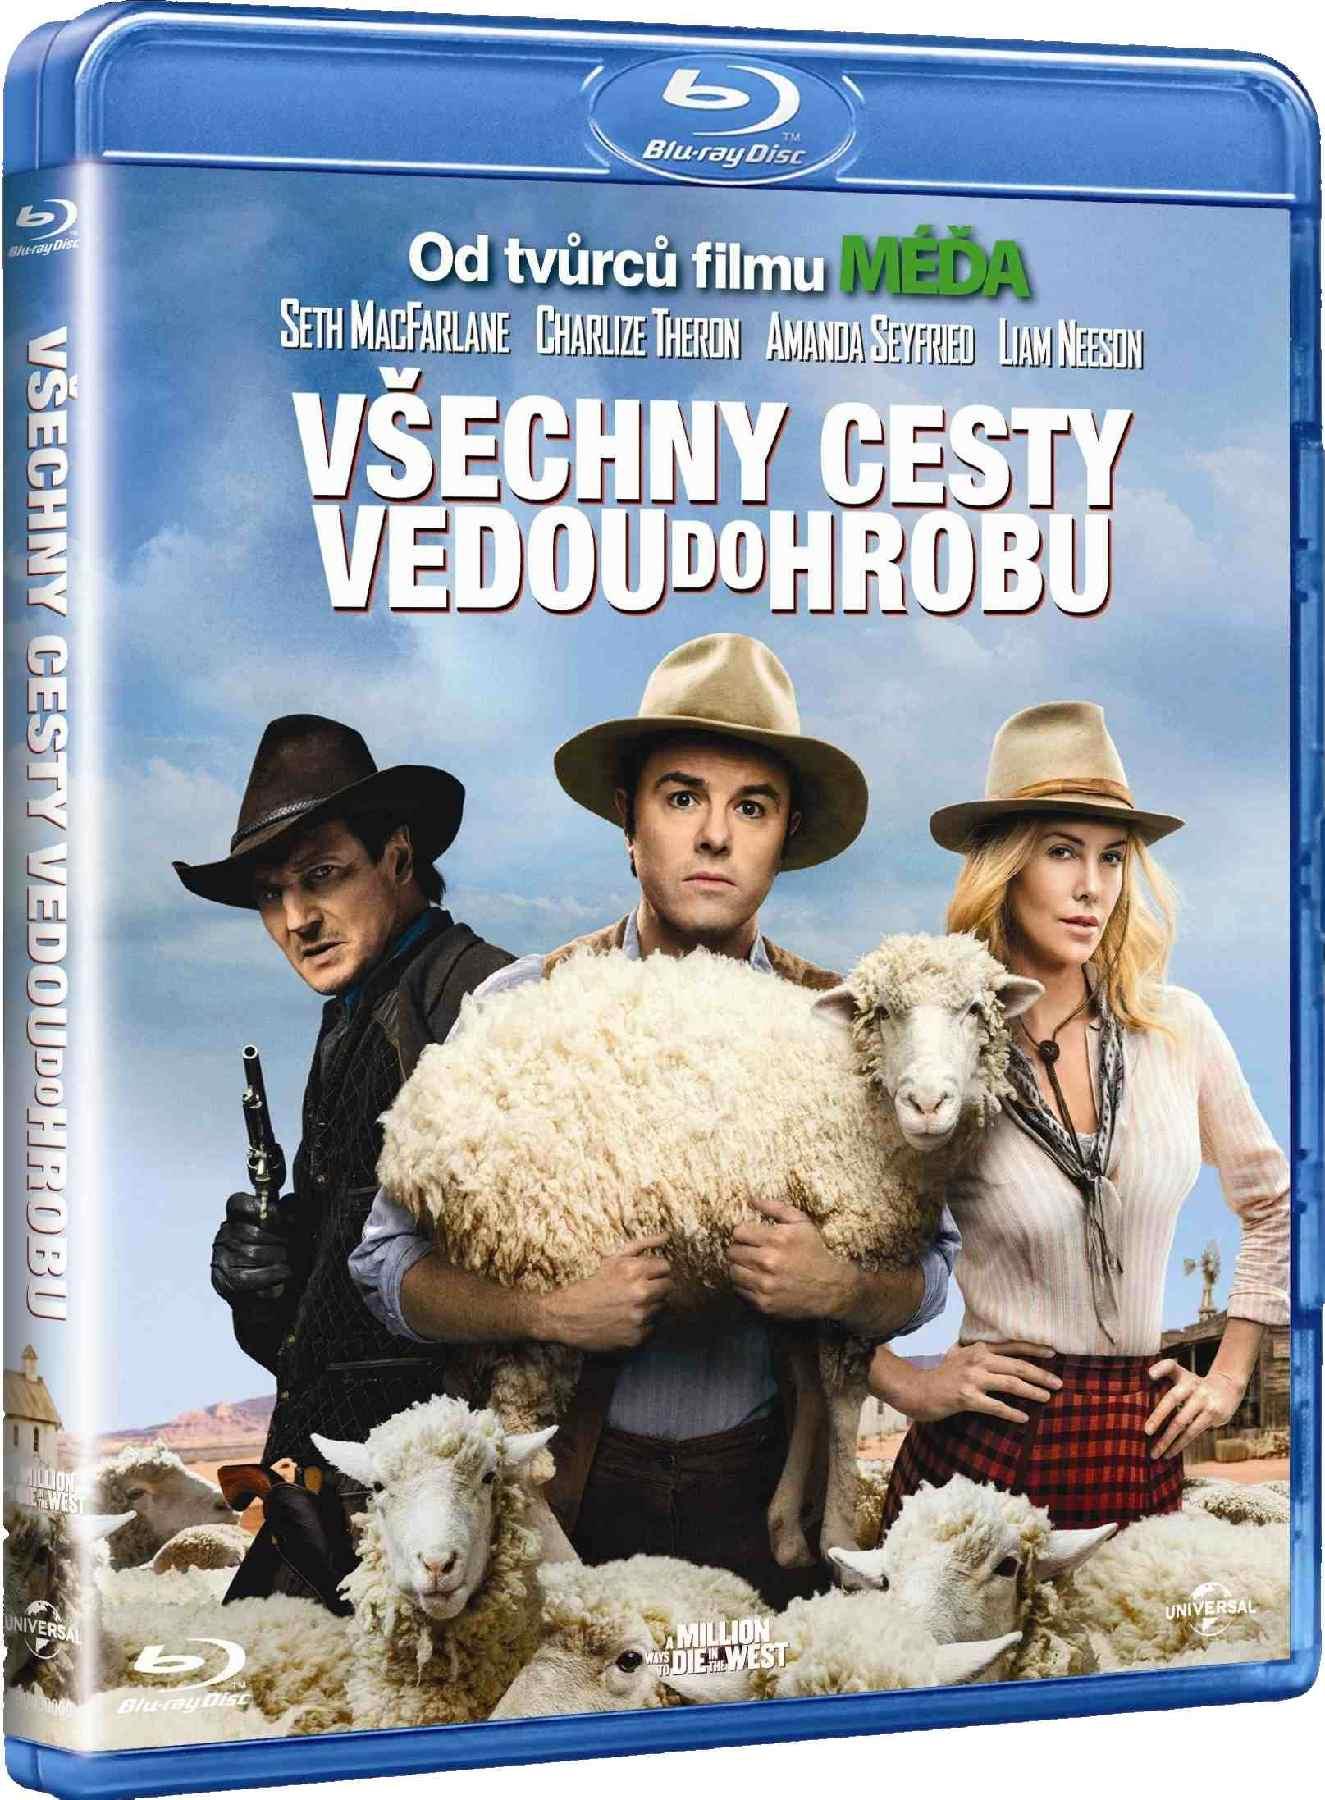 VŠECHNY CESTY VEDOU DO HROBU (Limitovaná edice s plyšákem) - Blu-ray